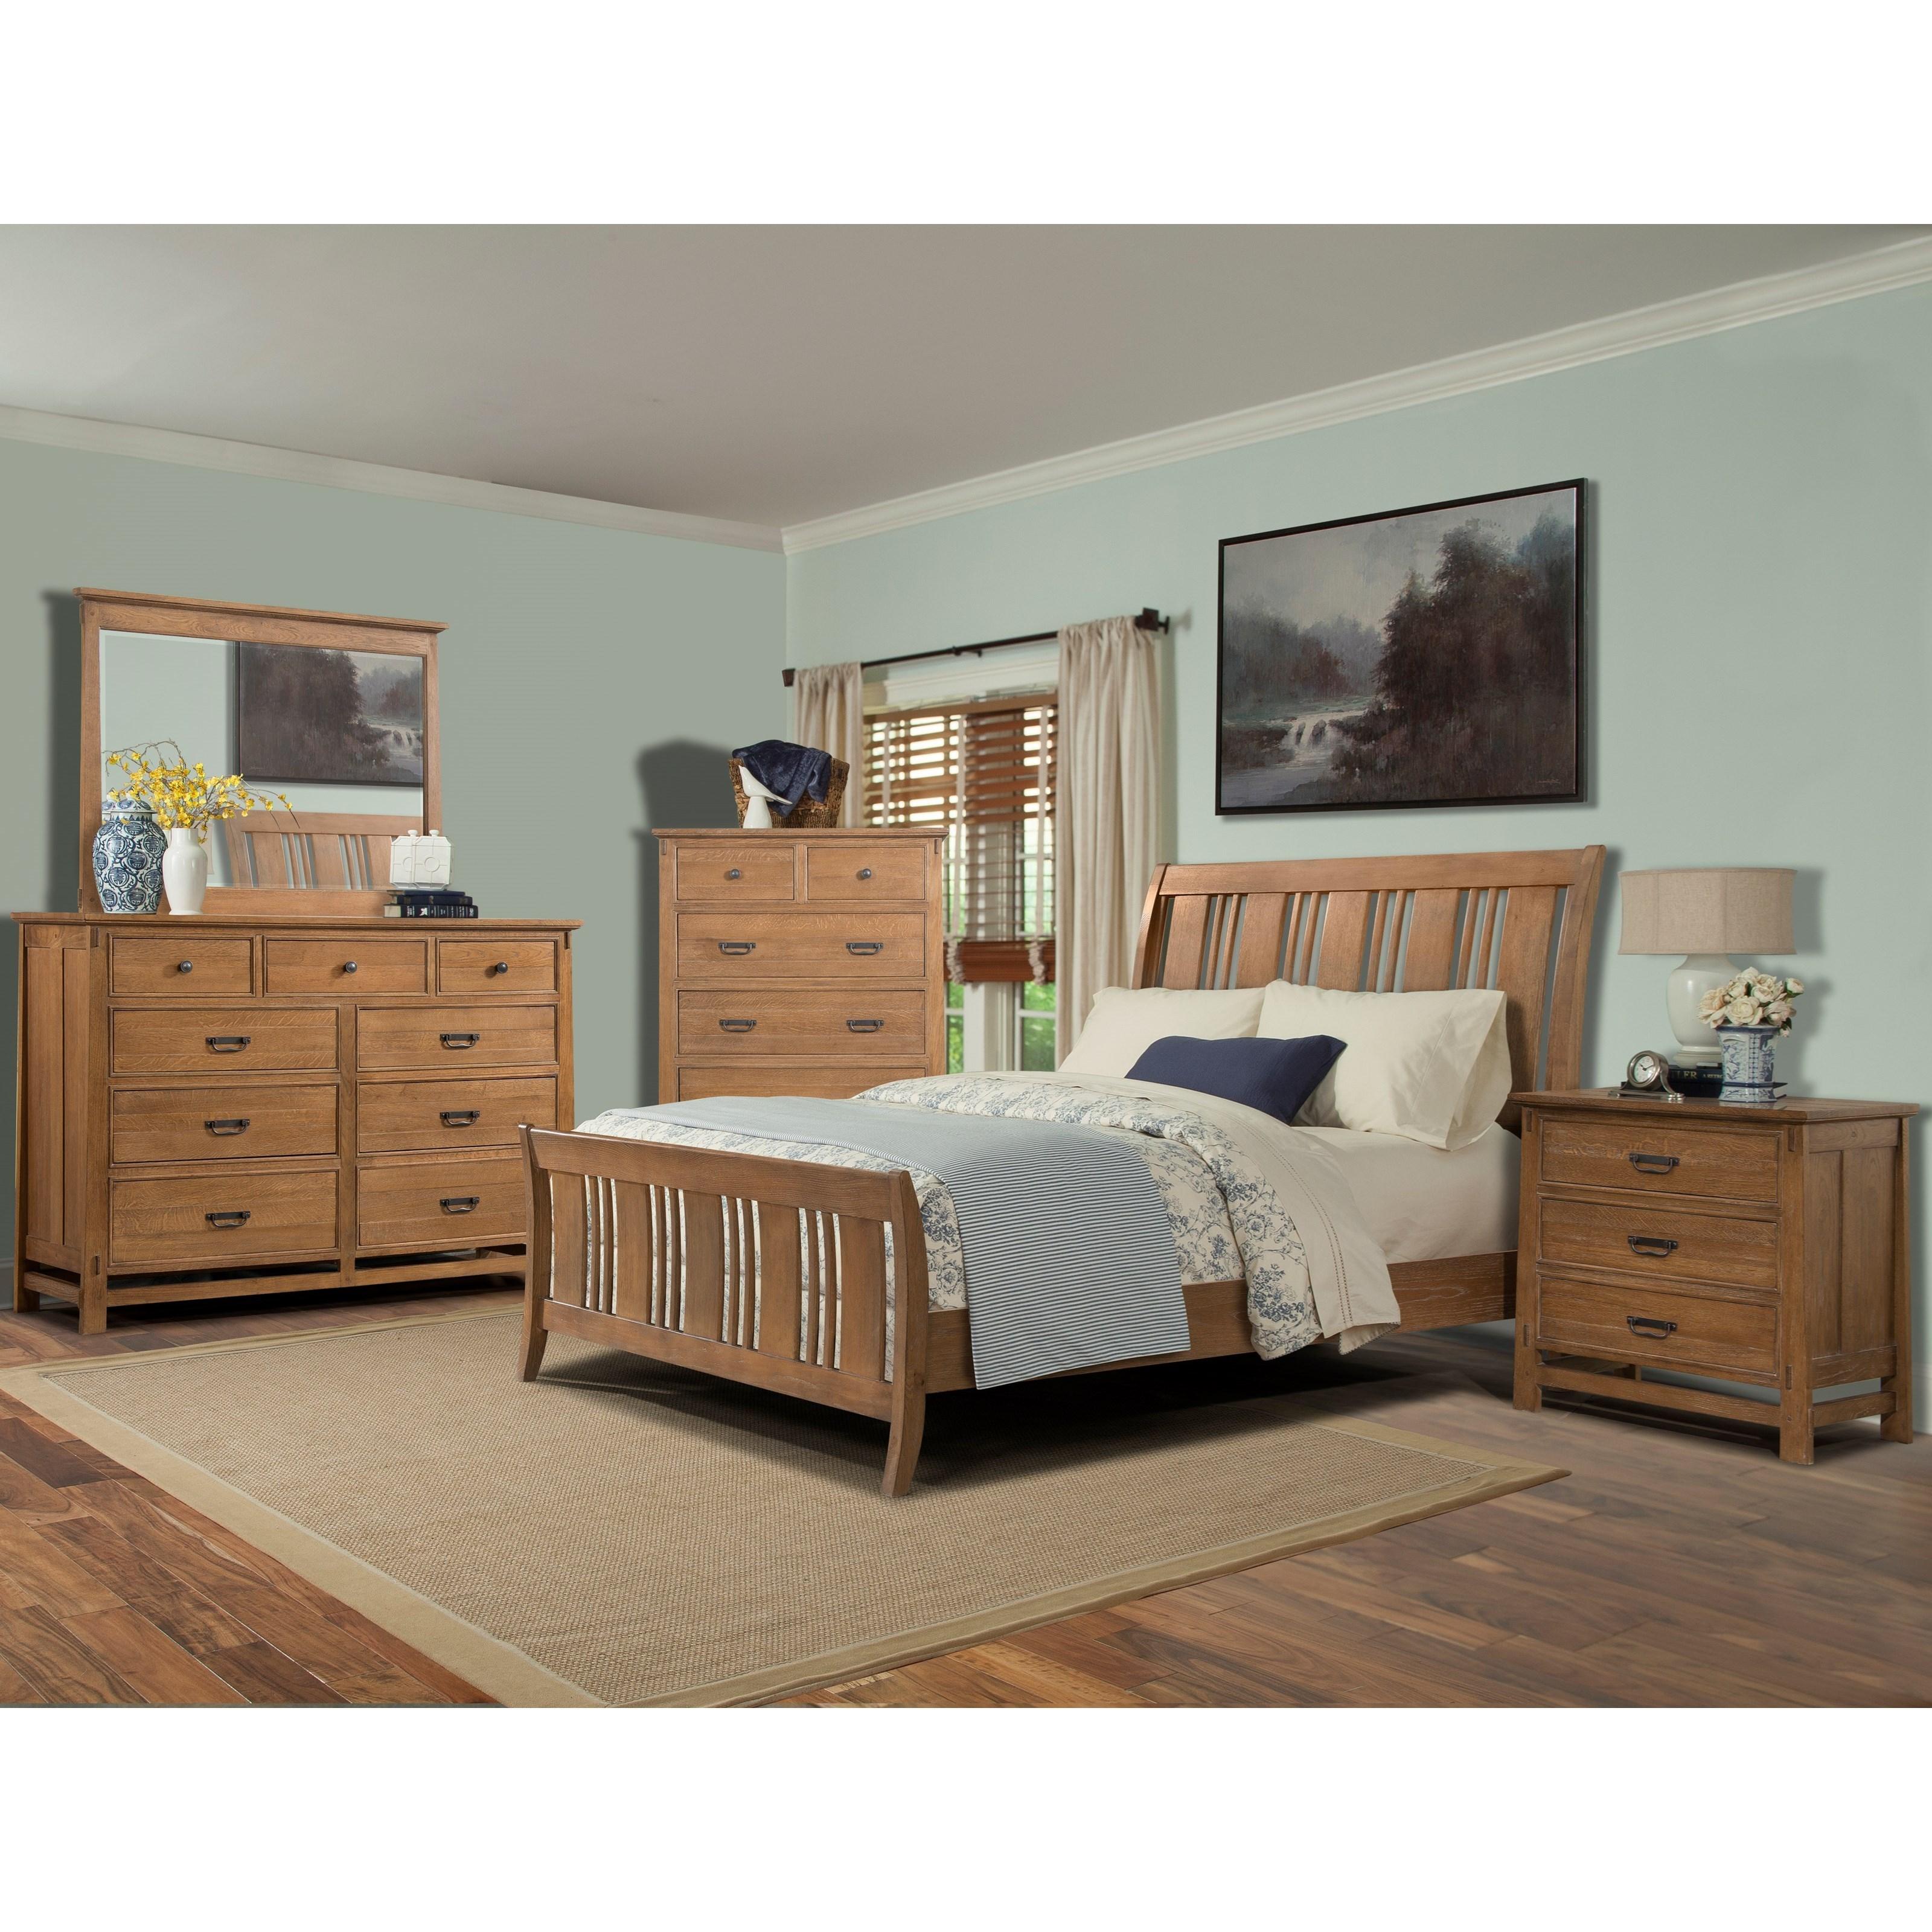 Cresent Fine Furniture Camden Queen Bedroom Group 4 - Item Number: 202 Q Bedroom Group 4